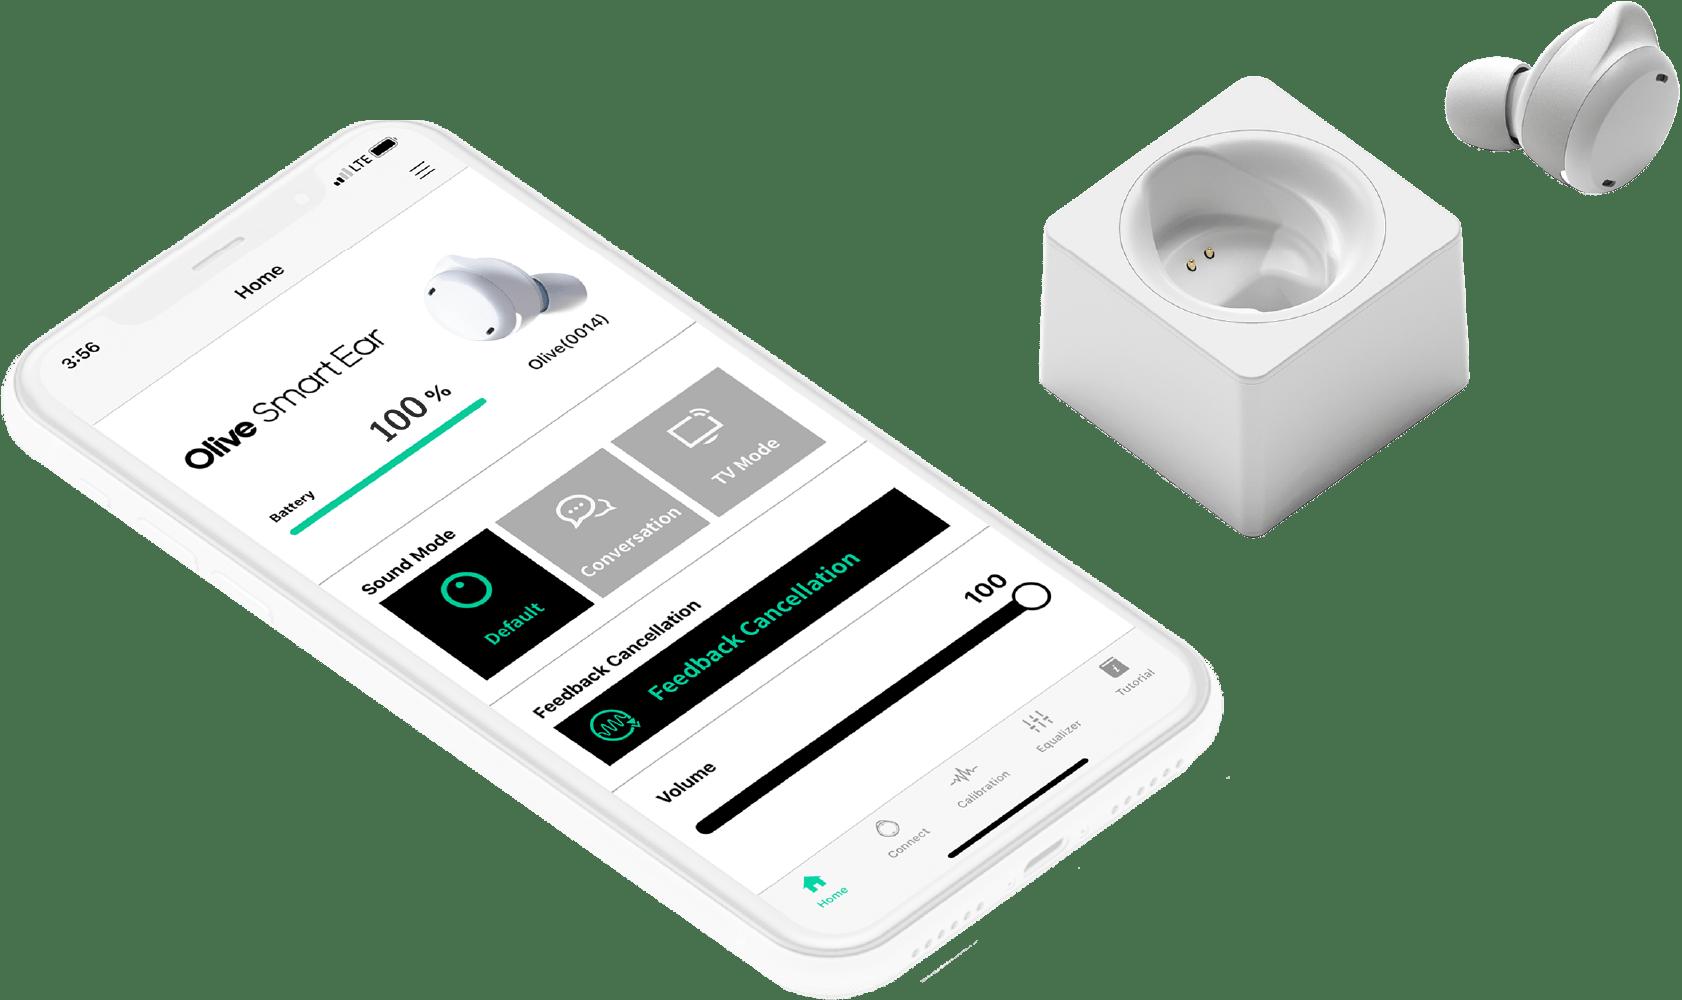 Smart ear image